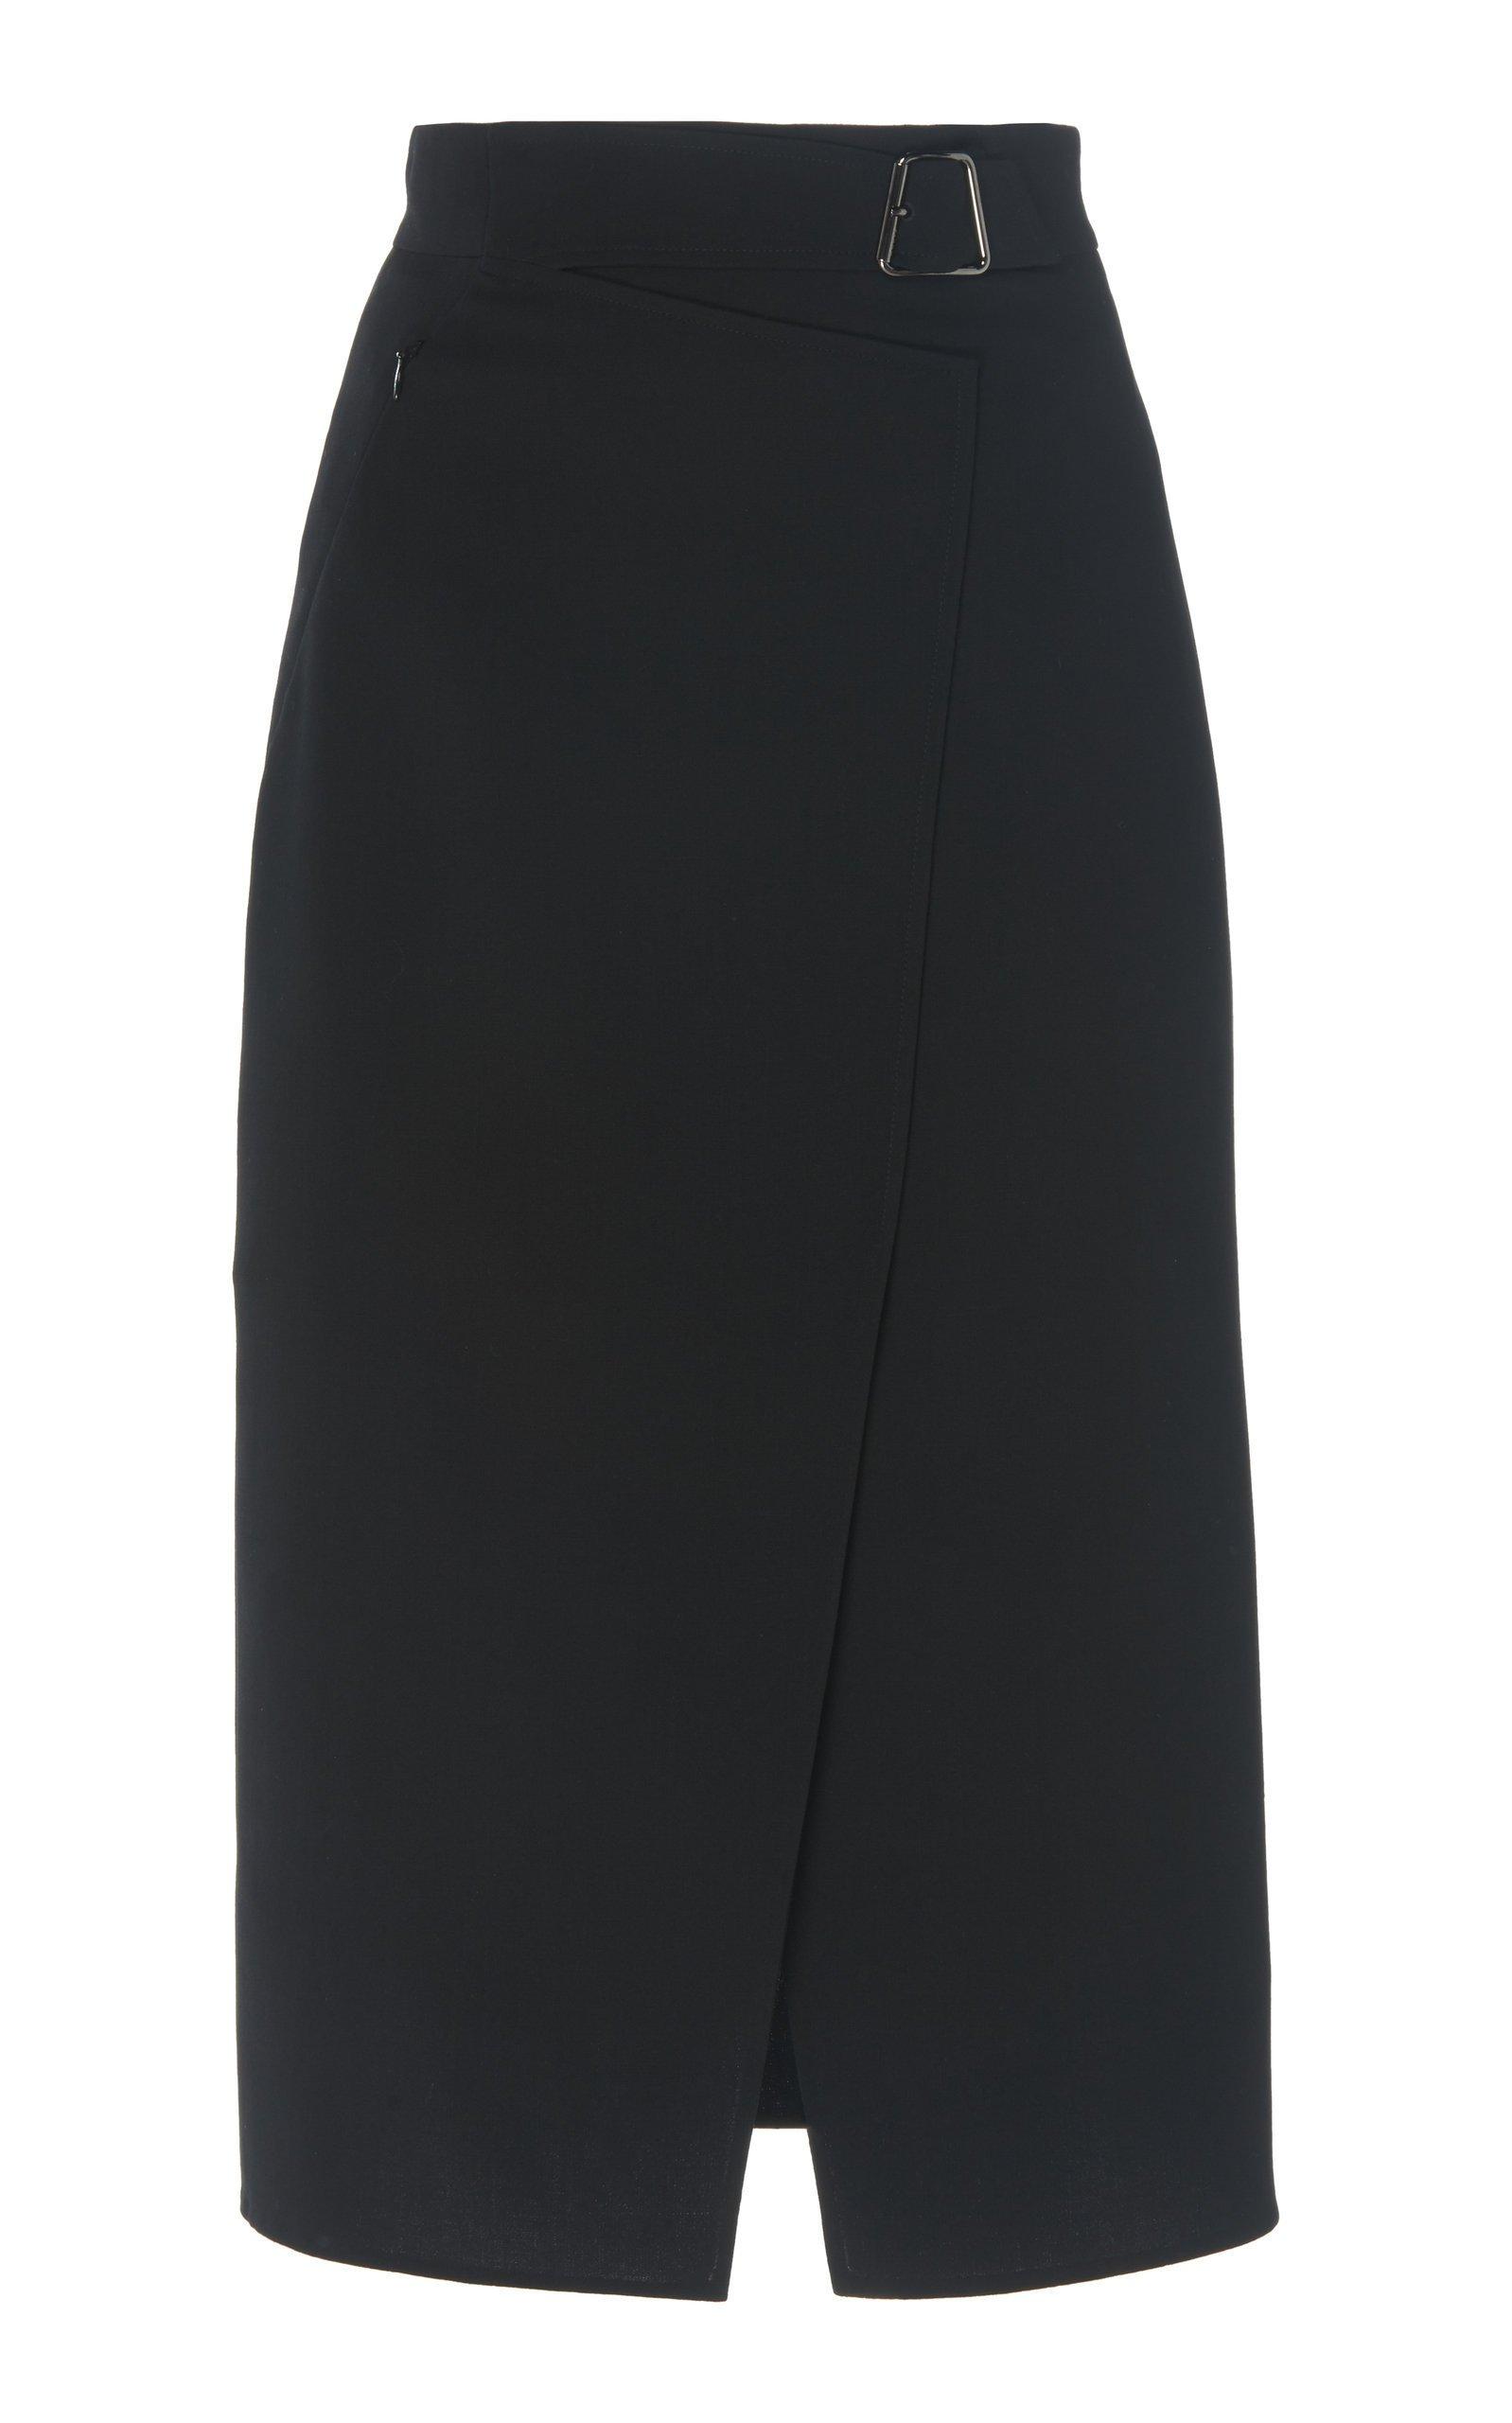 Akris Wrap-Effect Wool Pencil Skirt Size: 12